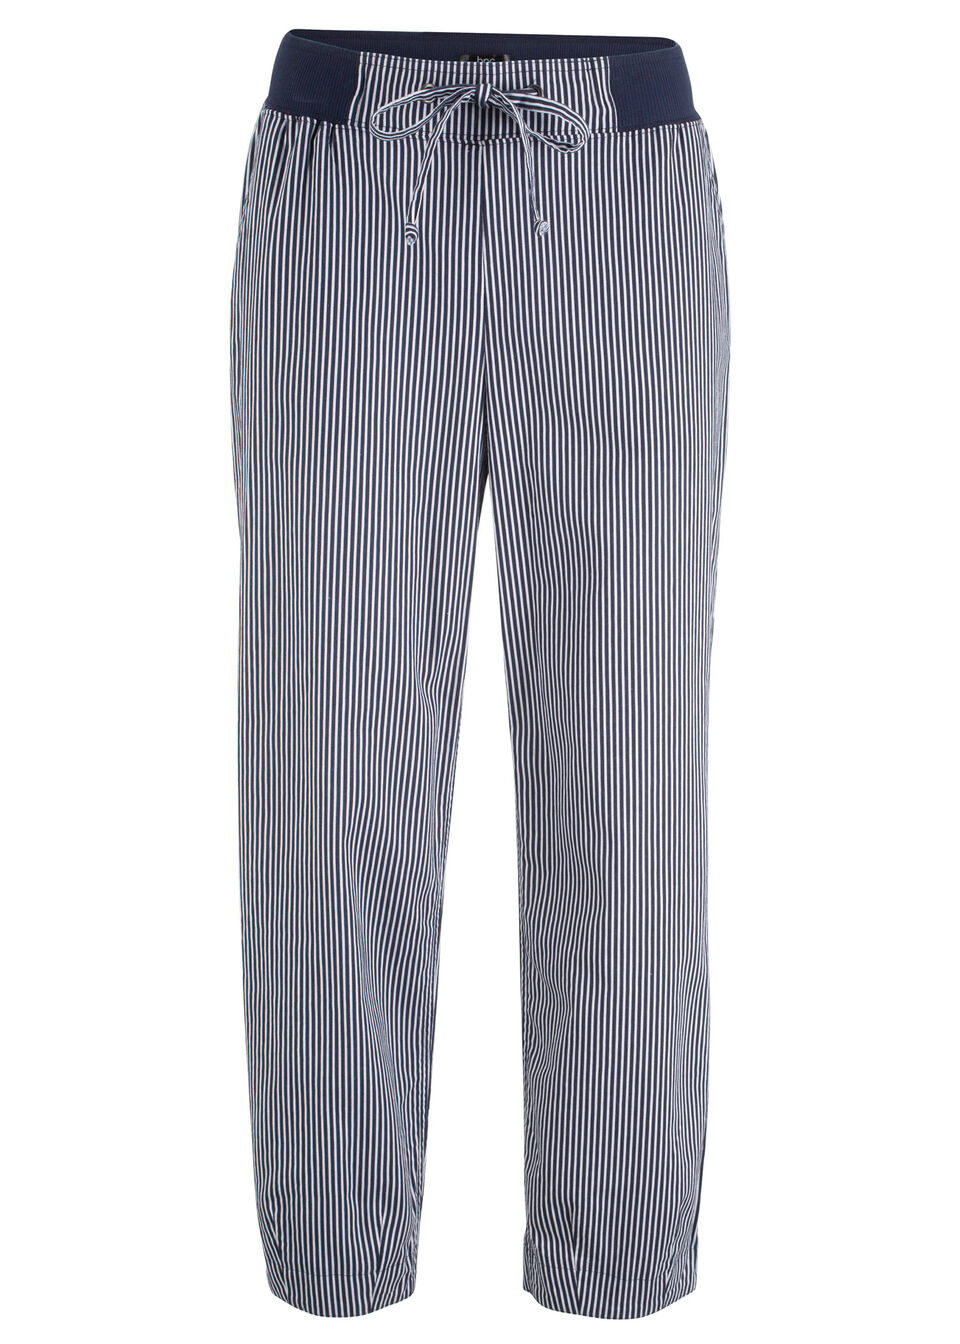 Spodnie z materiału z lnem, dł. 7/8 bonprix ciemnoniebiesko-biały w paski